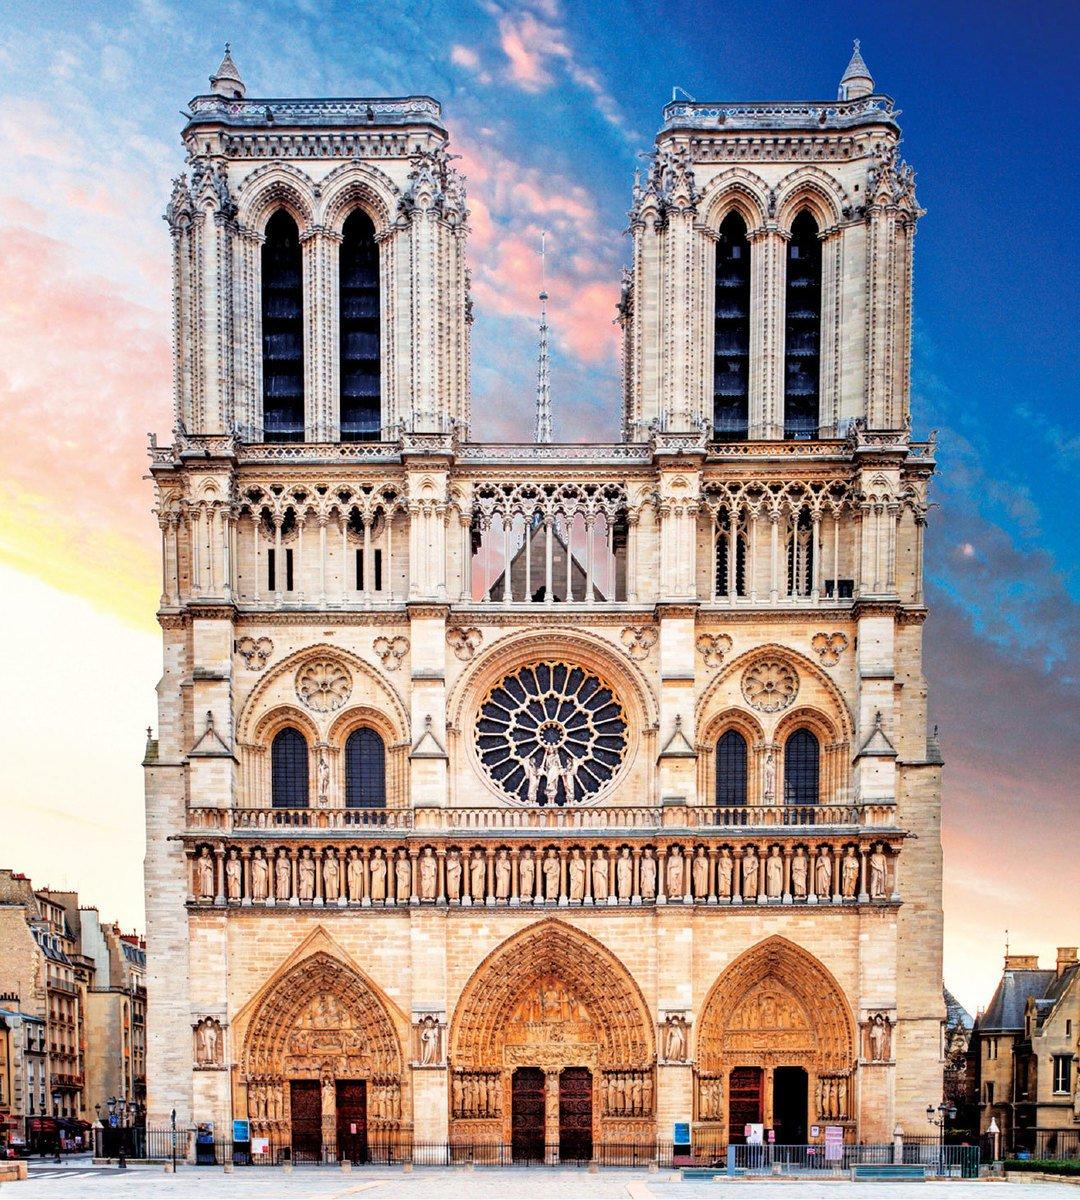 巴黎聖母院的雙塔是典型的哥特式教堂的結構。(公有領域)